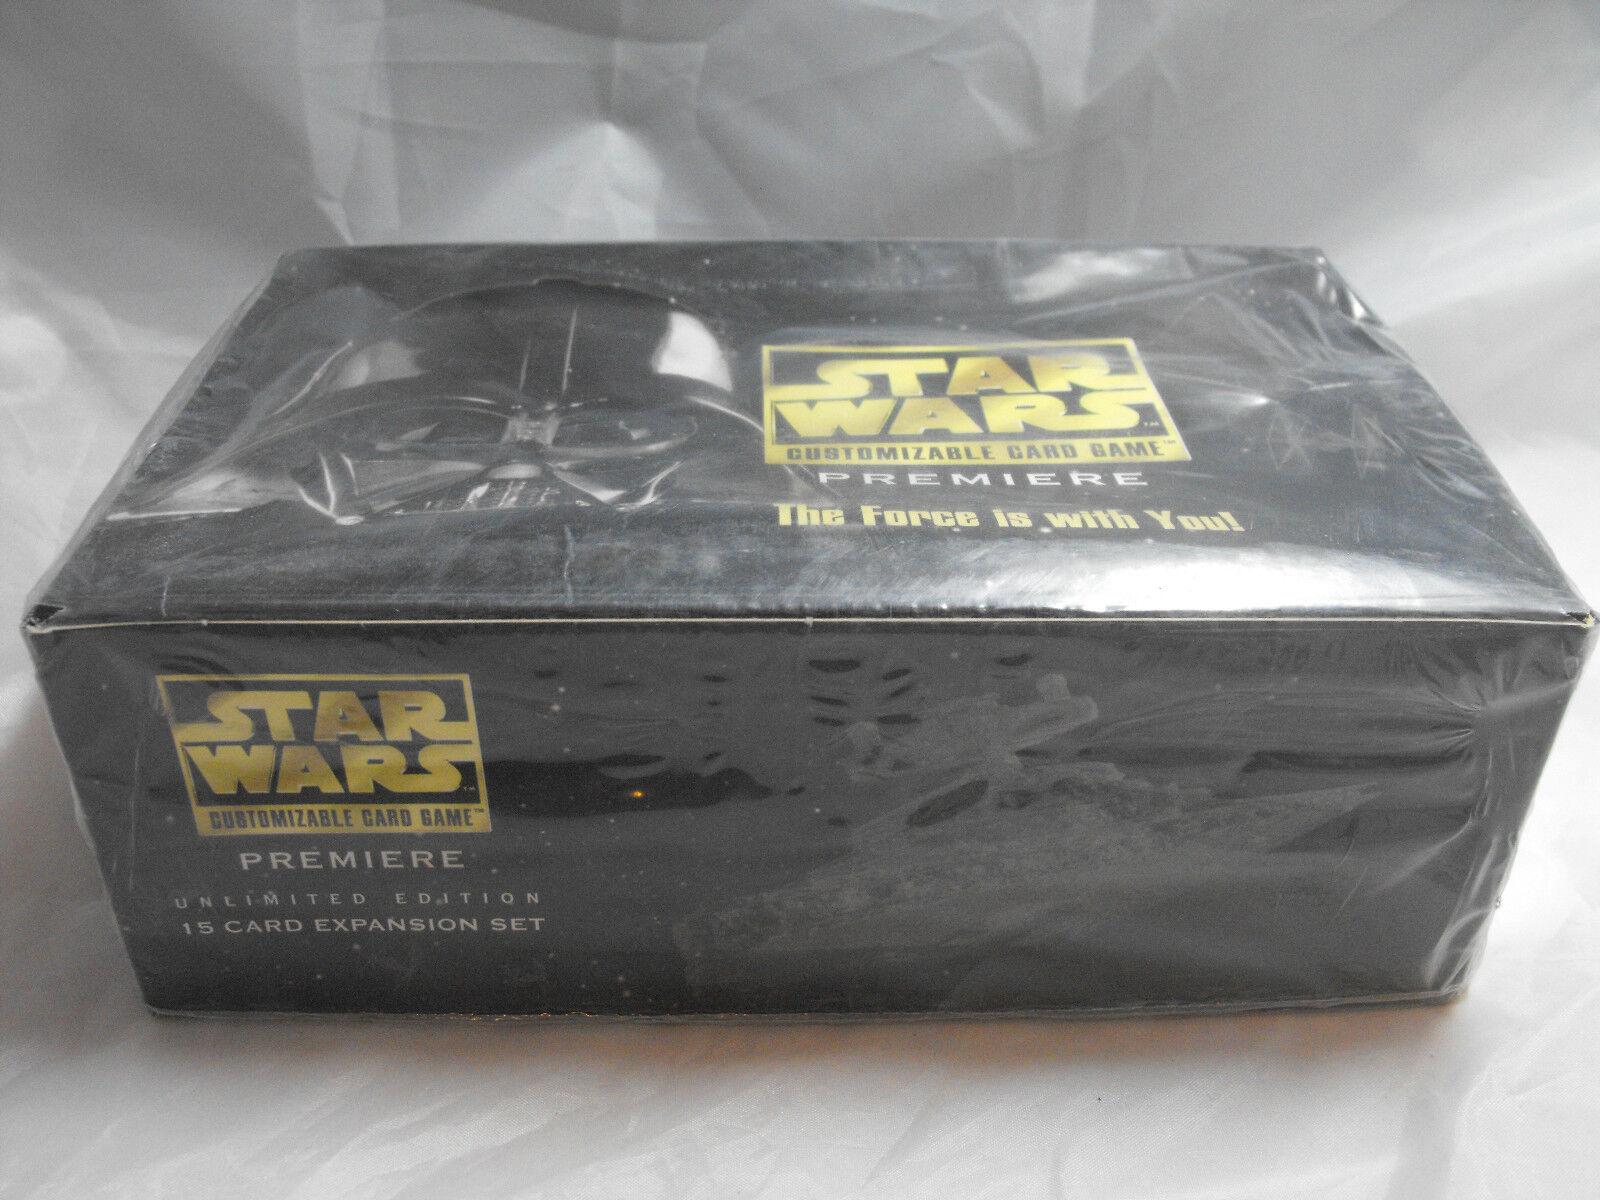 Star Wars CCG BIANCO Border Border Border Premiere COMPLETO SIGILLATO BOOSTER Scatola di 36 42d04b